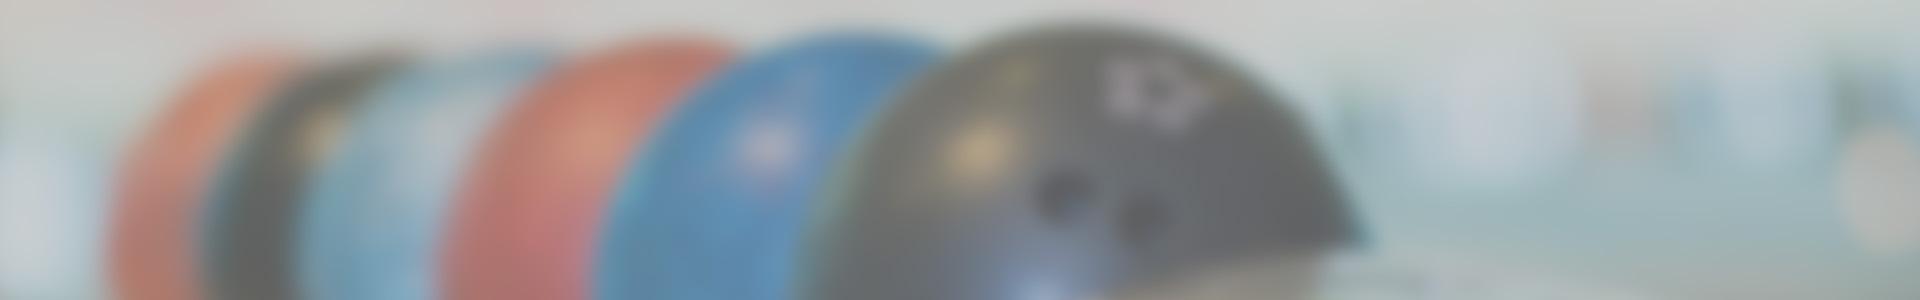 kule do kręgli - Banner kontakt